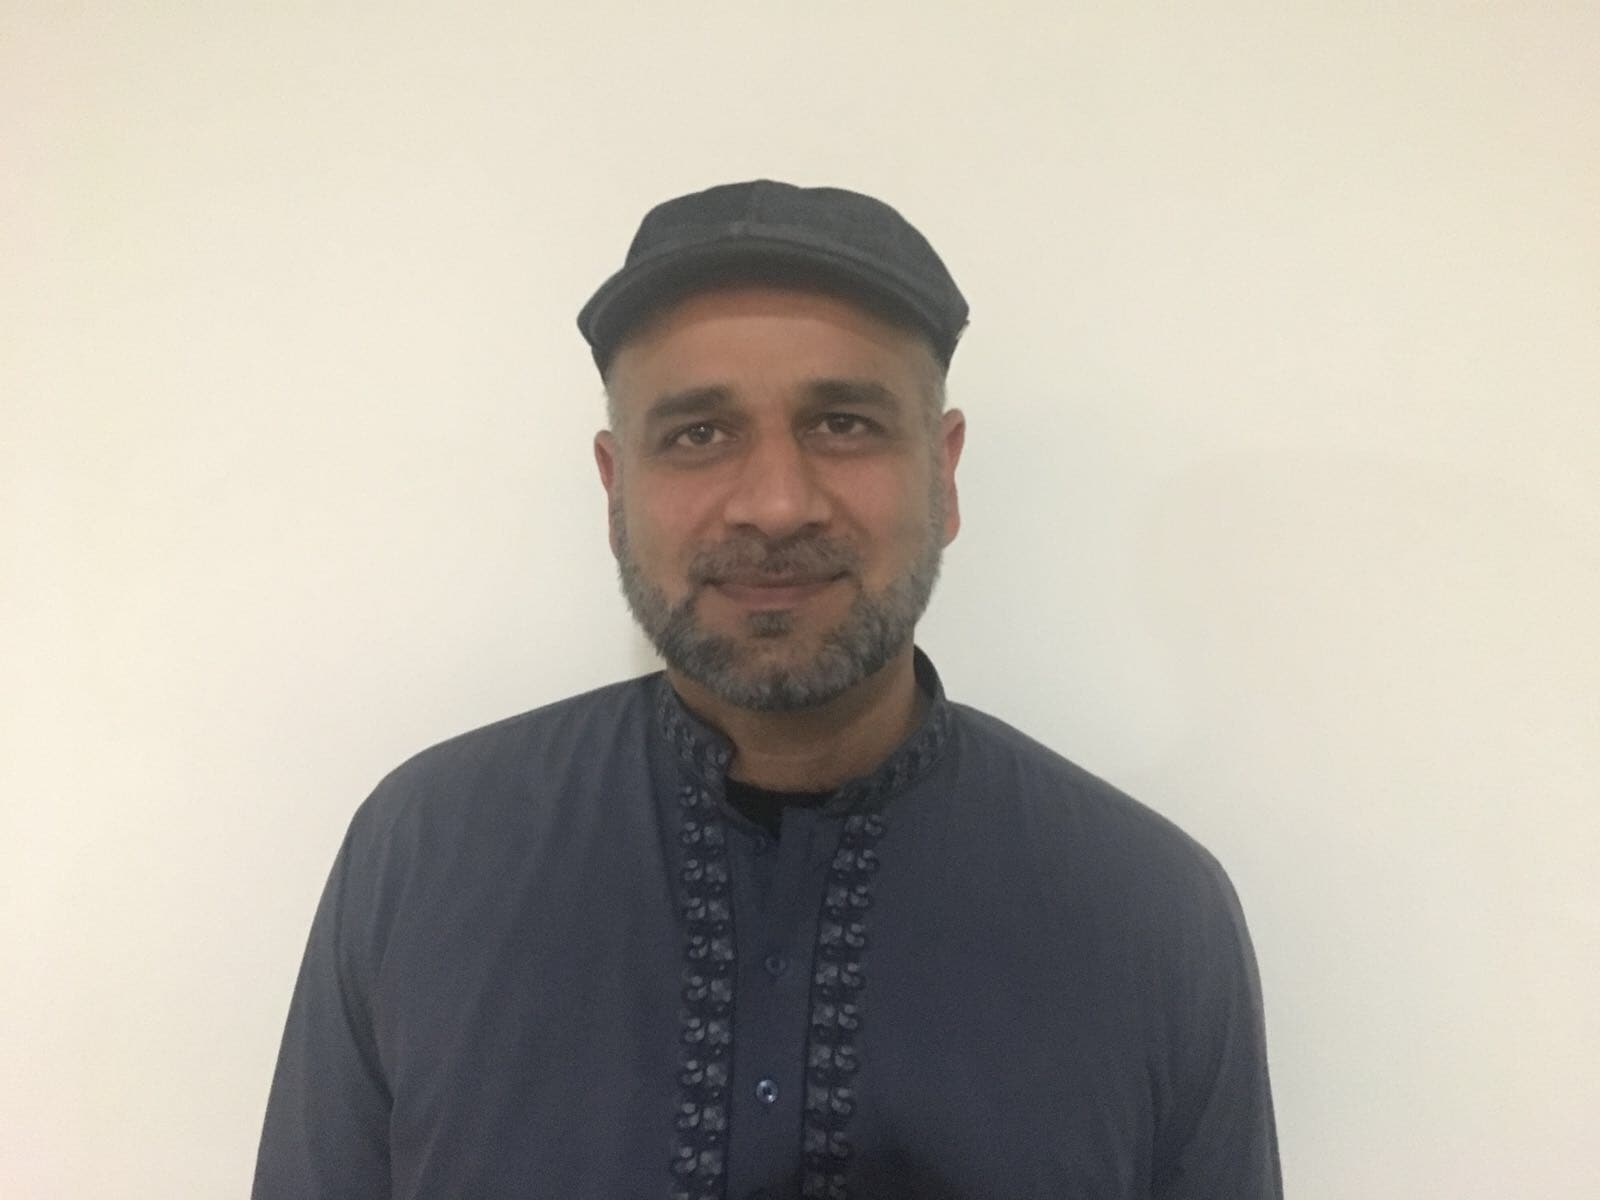 Mr. Moamar Khara